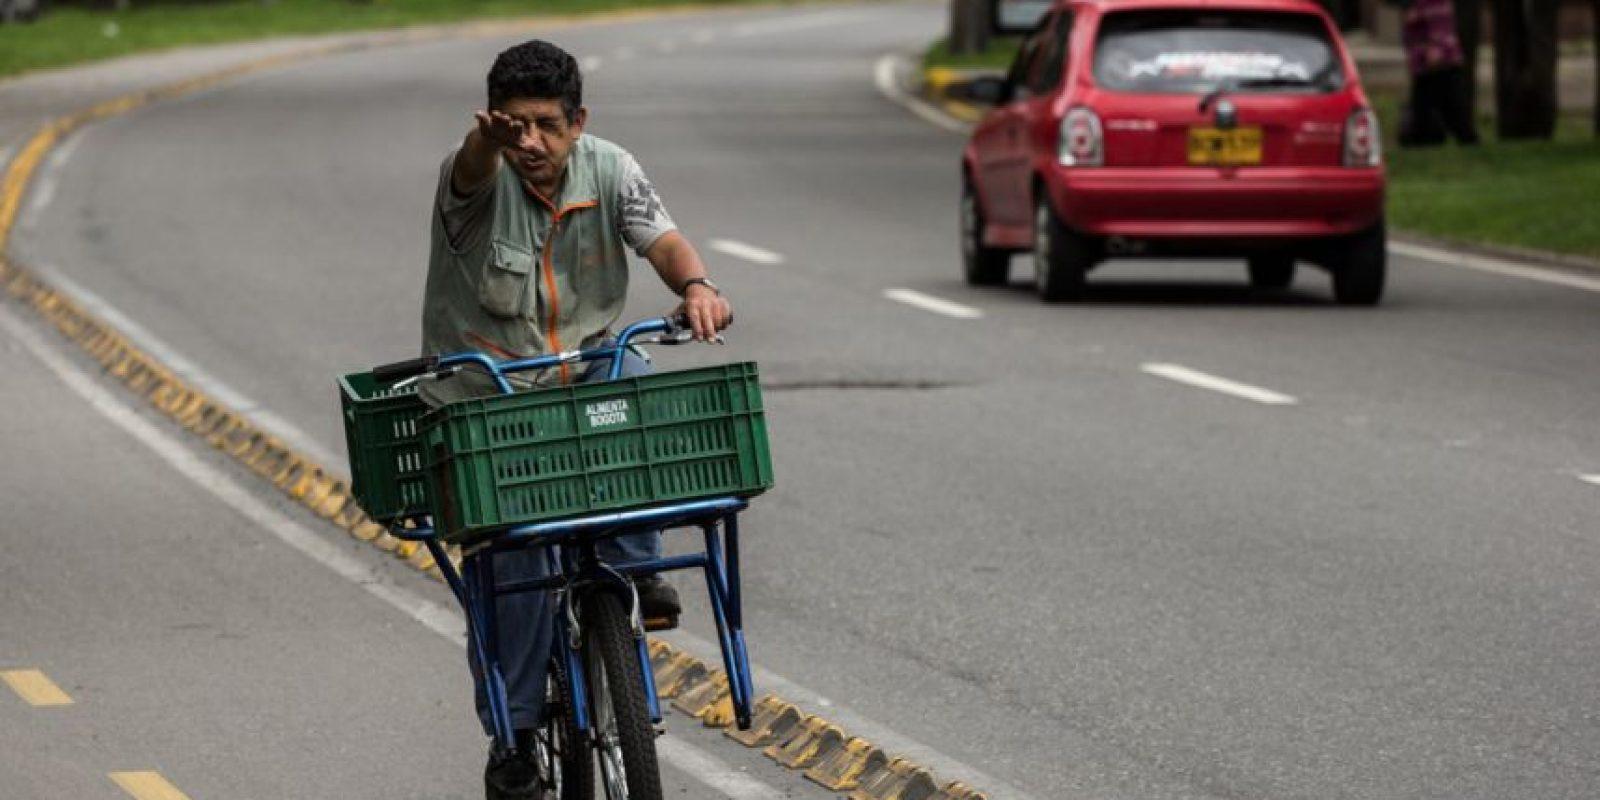 Bicicarriles en Bogotá Foto:JUAN PABLO PINO – PUBLIMETRO